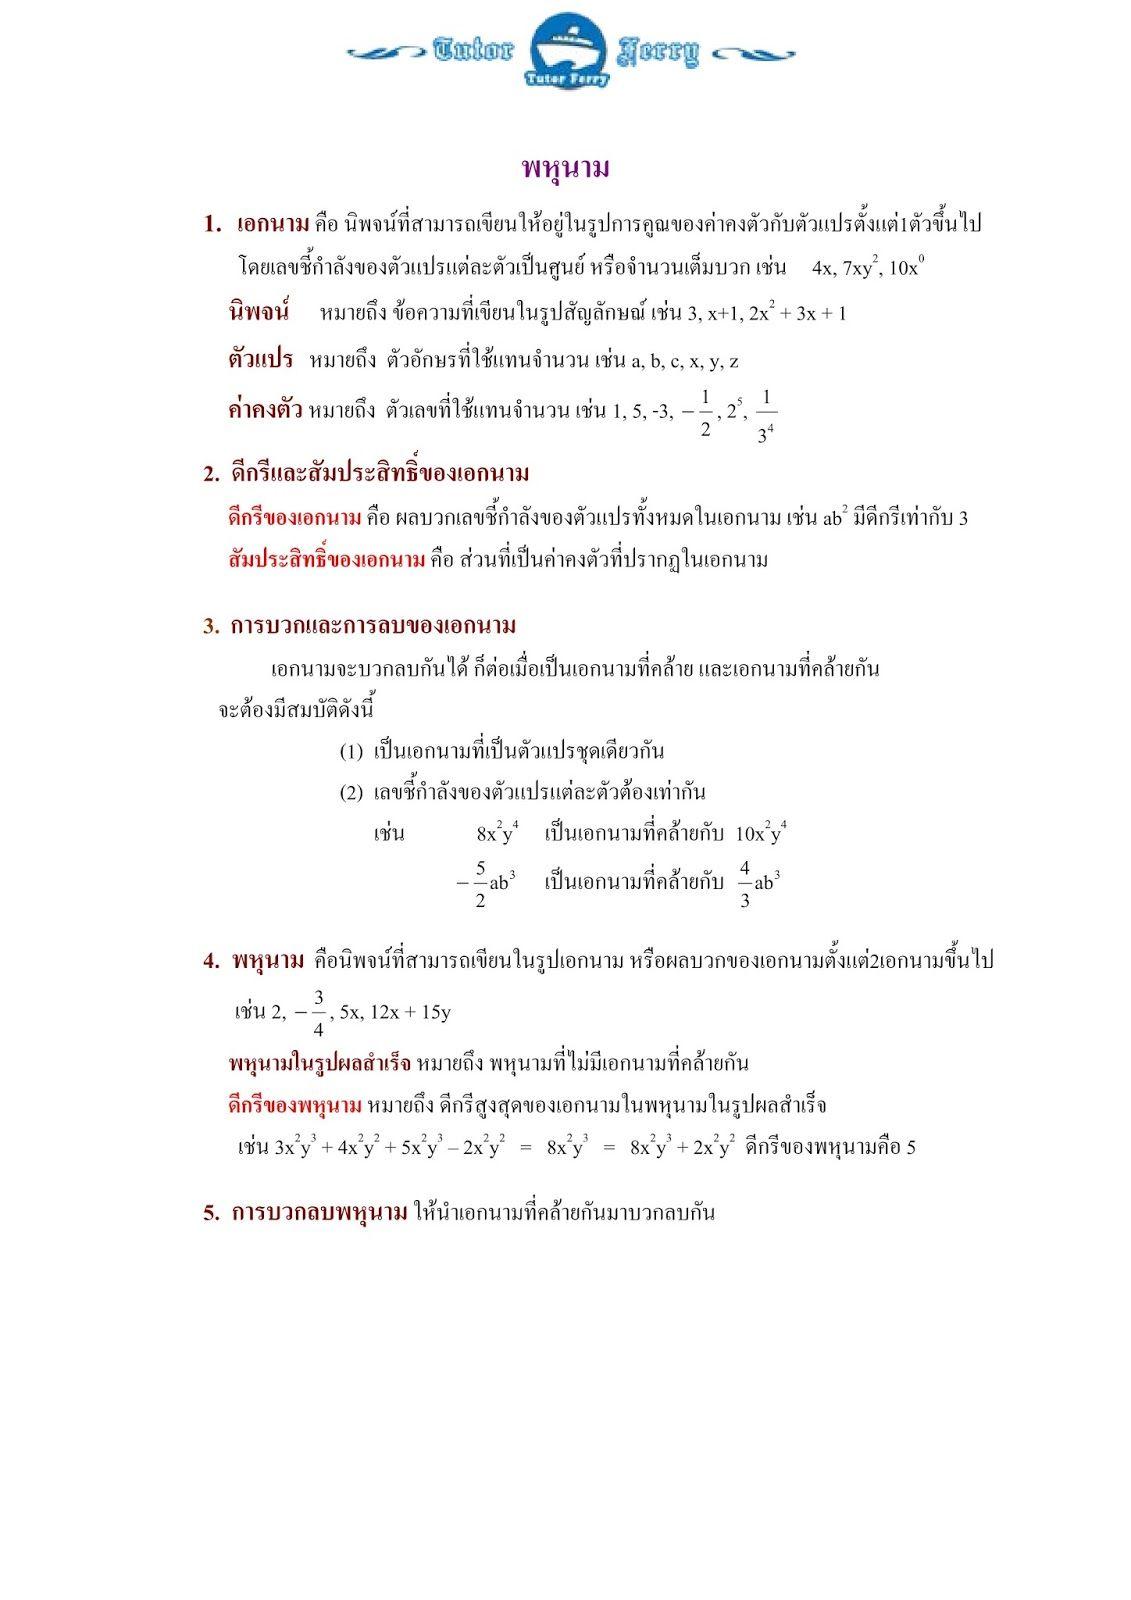 ที่นี่ เราลองมาพิสูจน์ โดยแทนค่า a = 5 และ b = 1 ลงไป